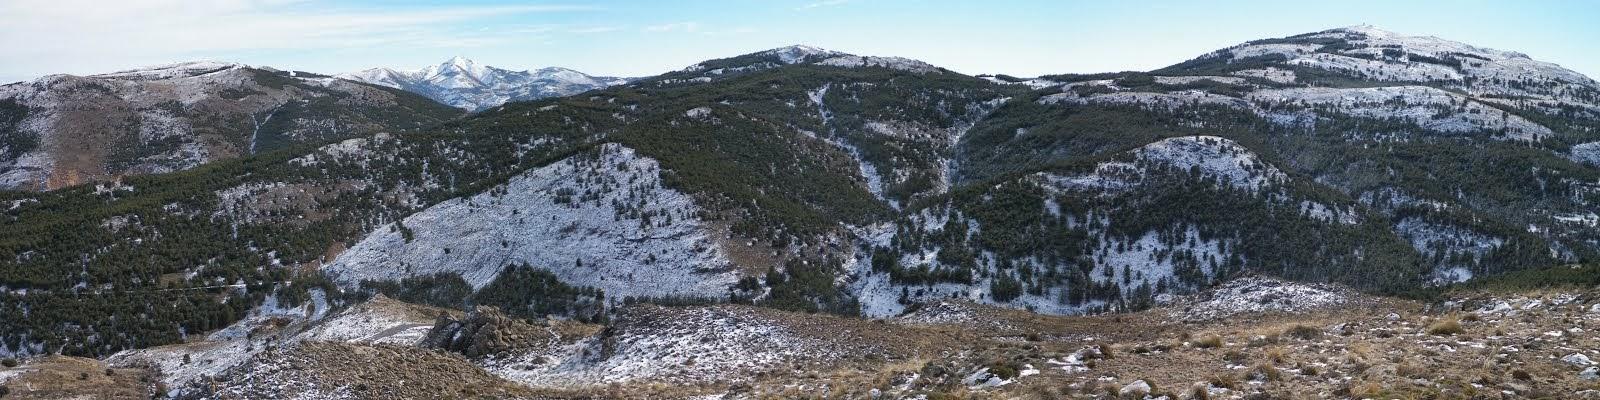 Sierra de los Filabres. Almería.